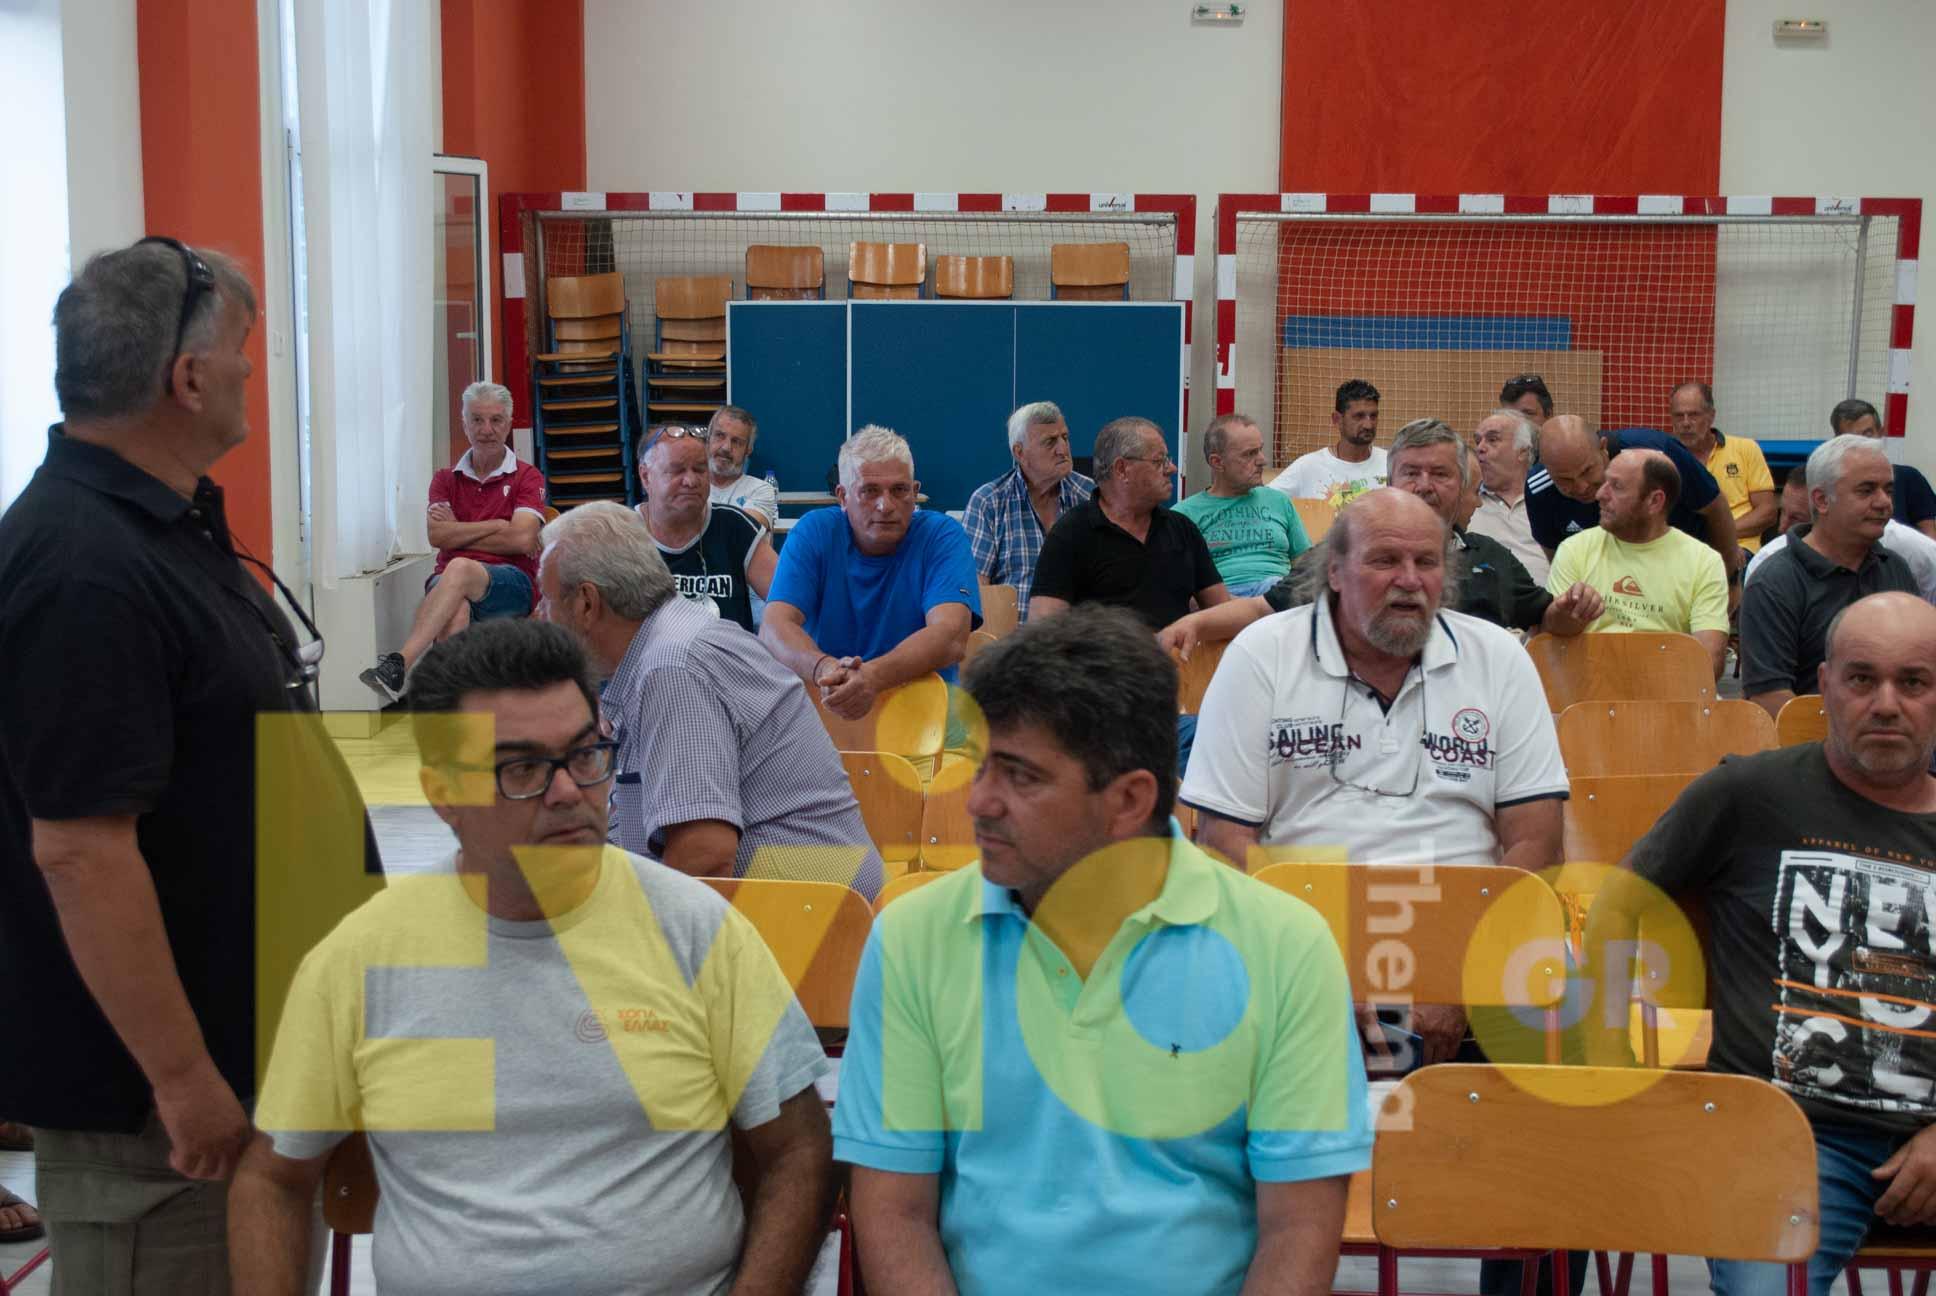 Ηρακλής Ψαχνών: Δεύτερη Γενική Συνέλευση την τετάρτη το απόγευμα, Ηρακλής Ψαχνών: Δεύτερη Γενική Συνέλευση την τετάρτη το απόγευμα [ΦΩΤΟΓΡΑΦΙΕΣ], Eviathema.gr | Εύβοια Τοπ Νέα Ειδήσεις